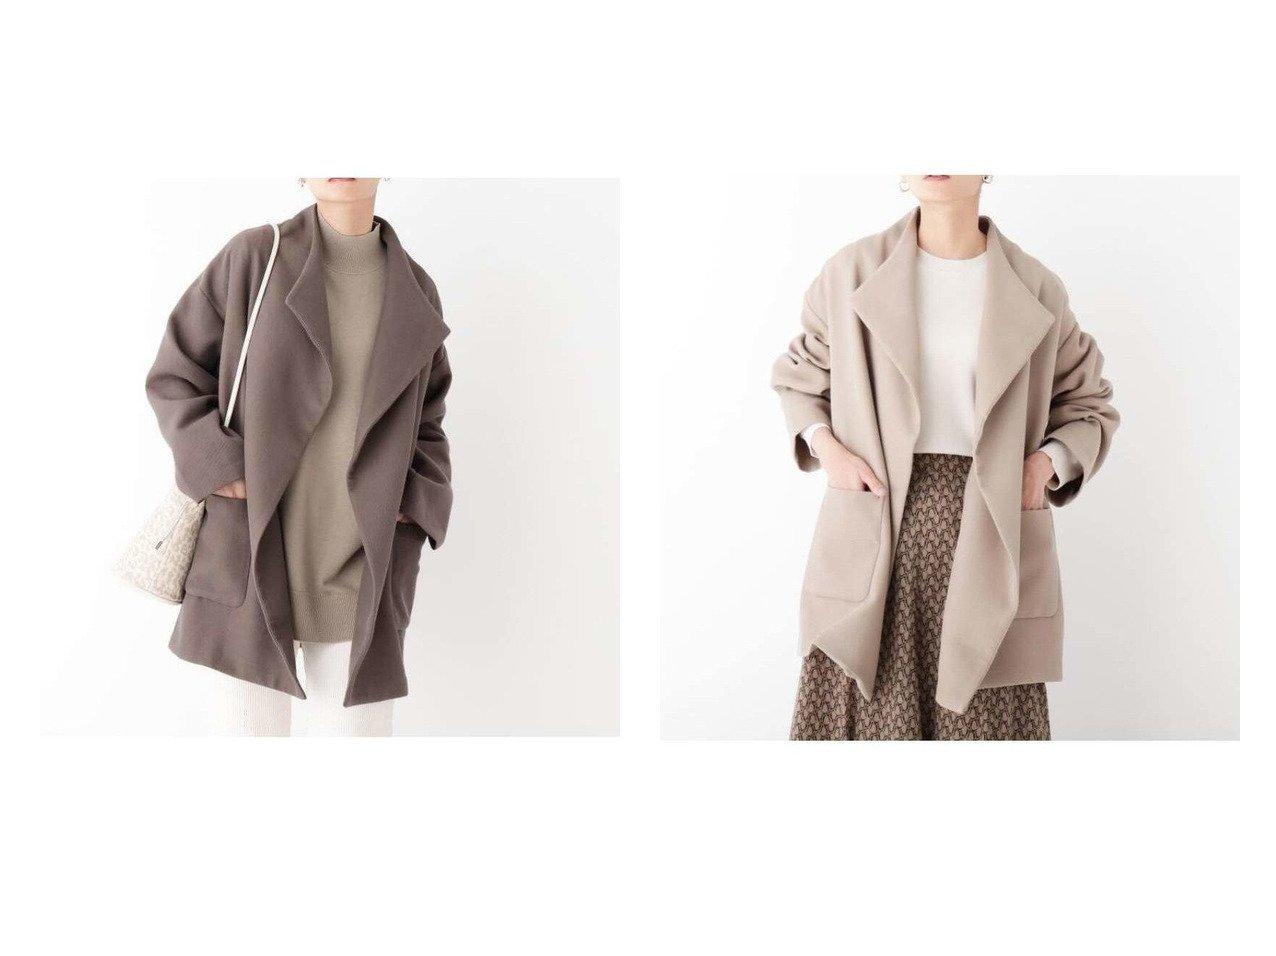 【OPAQUE.CLIP/オペークドットクリップ】の【マルチファンクション】2ダブルクロス ビックカラーショートコート アウターのおすすめ!人気、トレンド・レディースファッションの通販 おすすめで人気の流行・トレンド、ファッションの通販商品 メンズファッション・キッズファッション・インテリア・家具・レディースファッション・服の通販 founy(ファニー) https://founy.com/ ファッション Fashion レディースファッション WOMEN アウター Coat Outerwear コート Coats ジャケット Jackets 春 Spring 秋 Autumn/Fall ジャケット ダブル フォルム ベーシック マキシ NEW・新作・新着・新入荷 New Arrivals おすすめ Recommend |ID:crp329100000024038